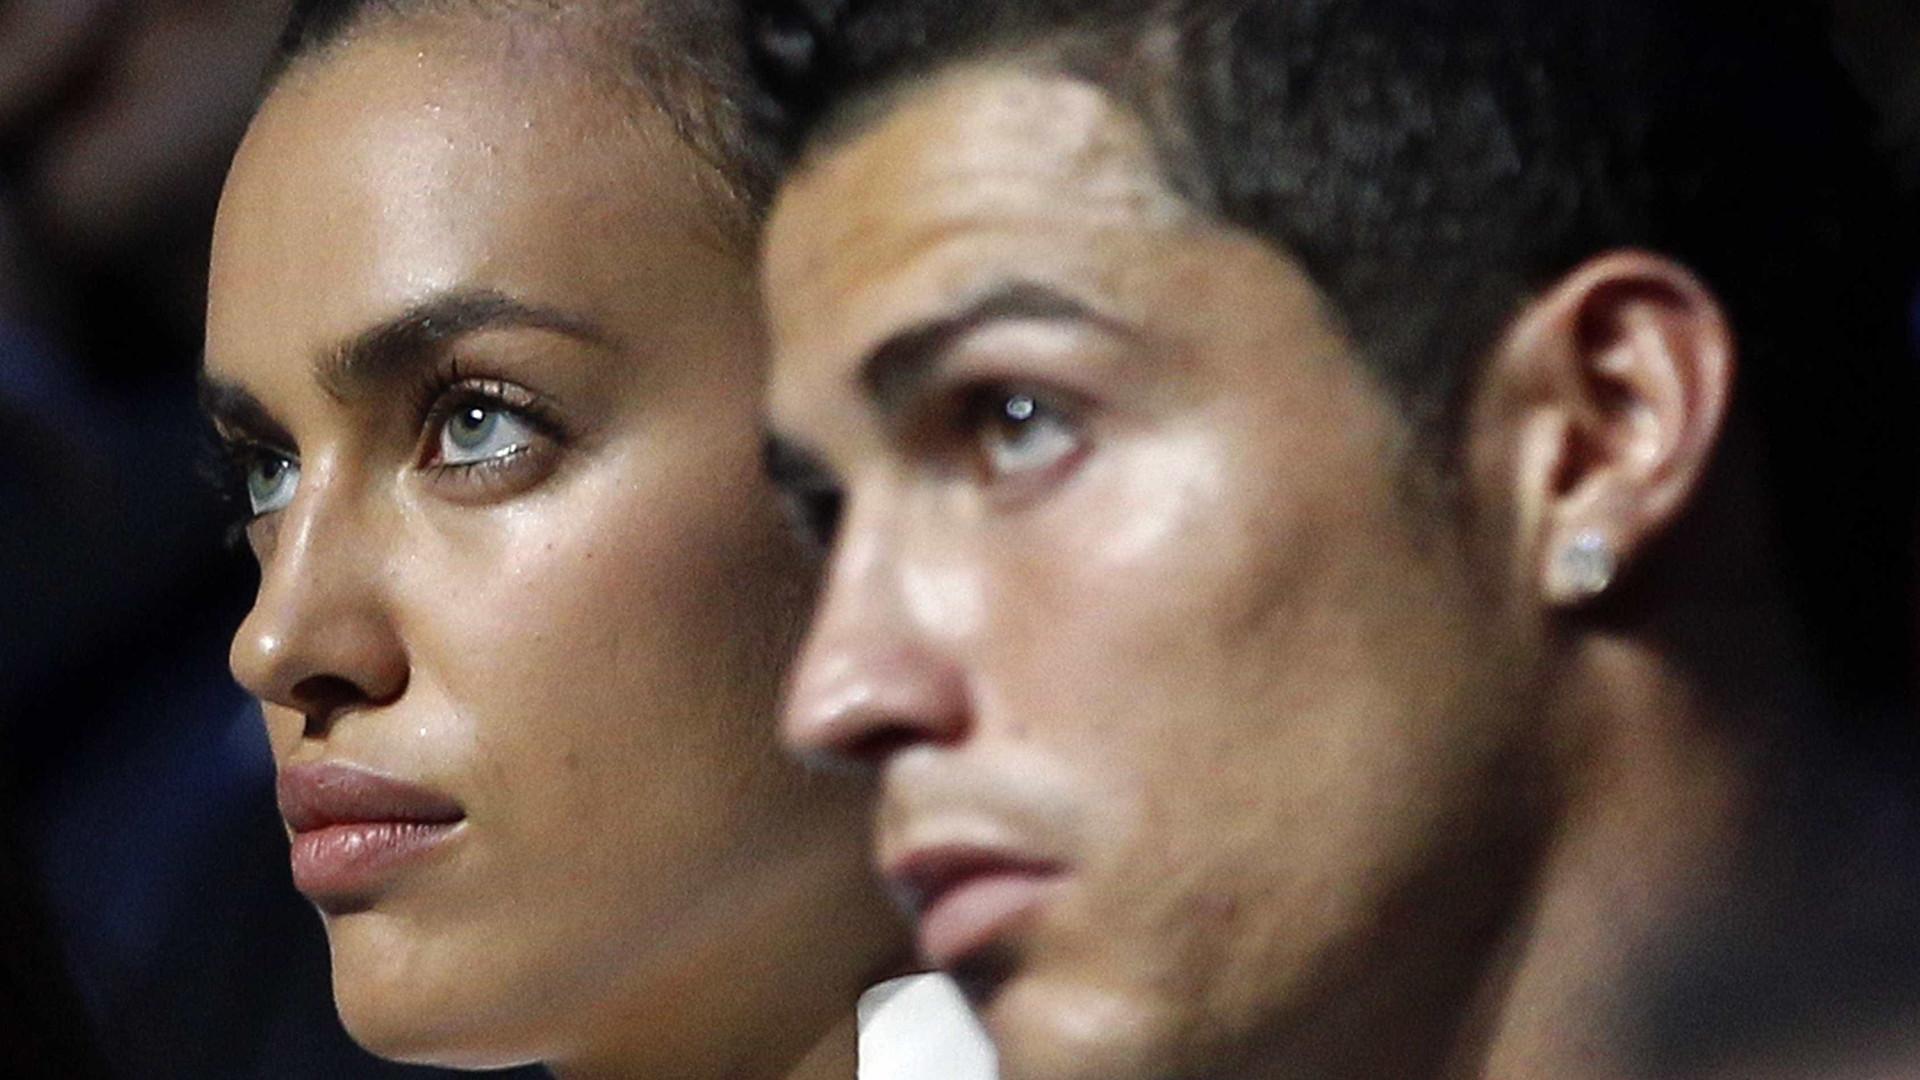 Cristiano Ronaldo disse aos amigos que ainda ama Irina Shayk